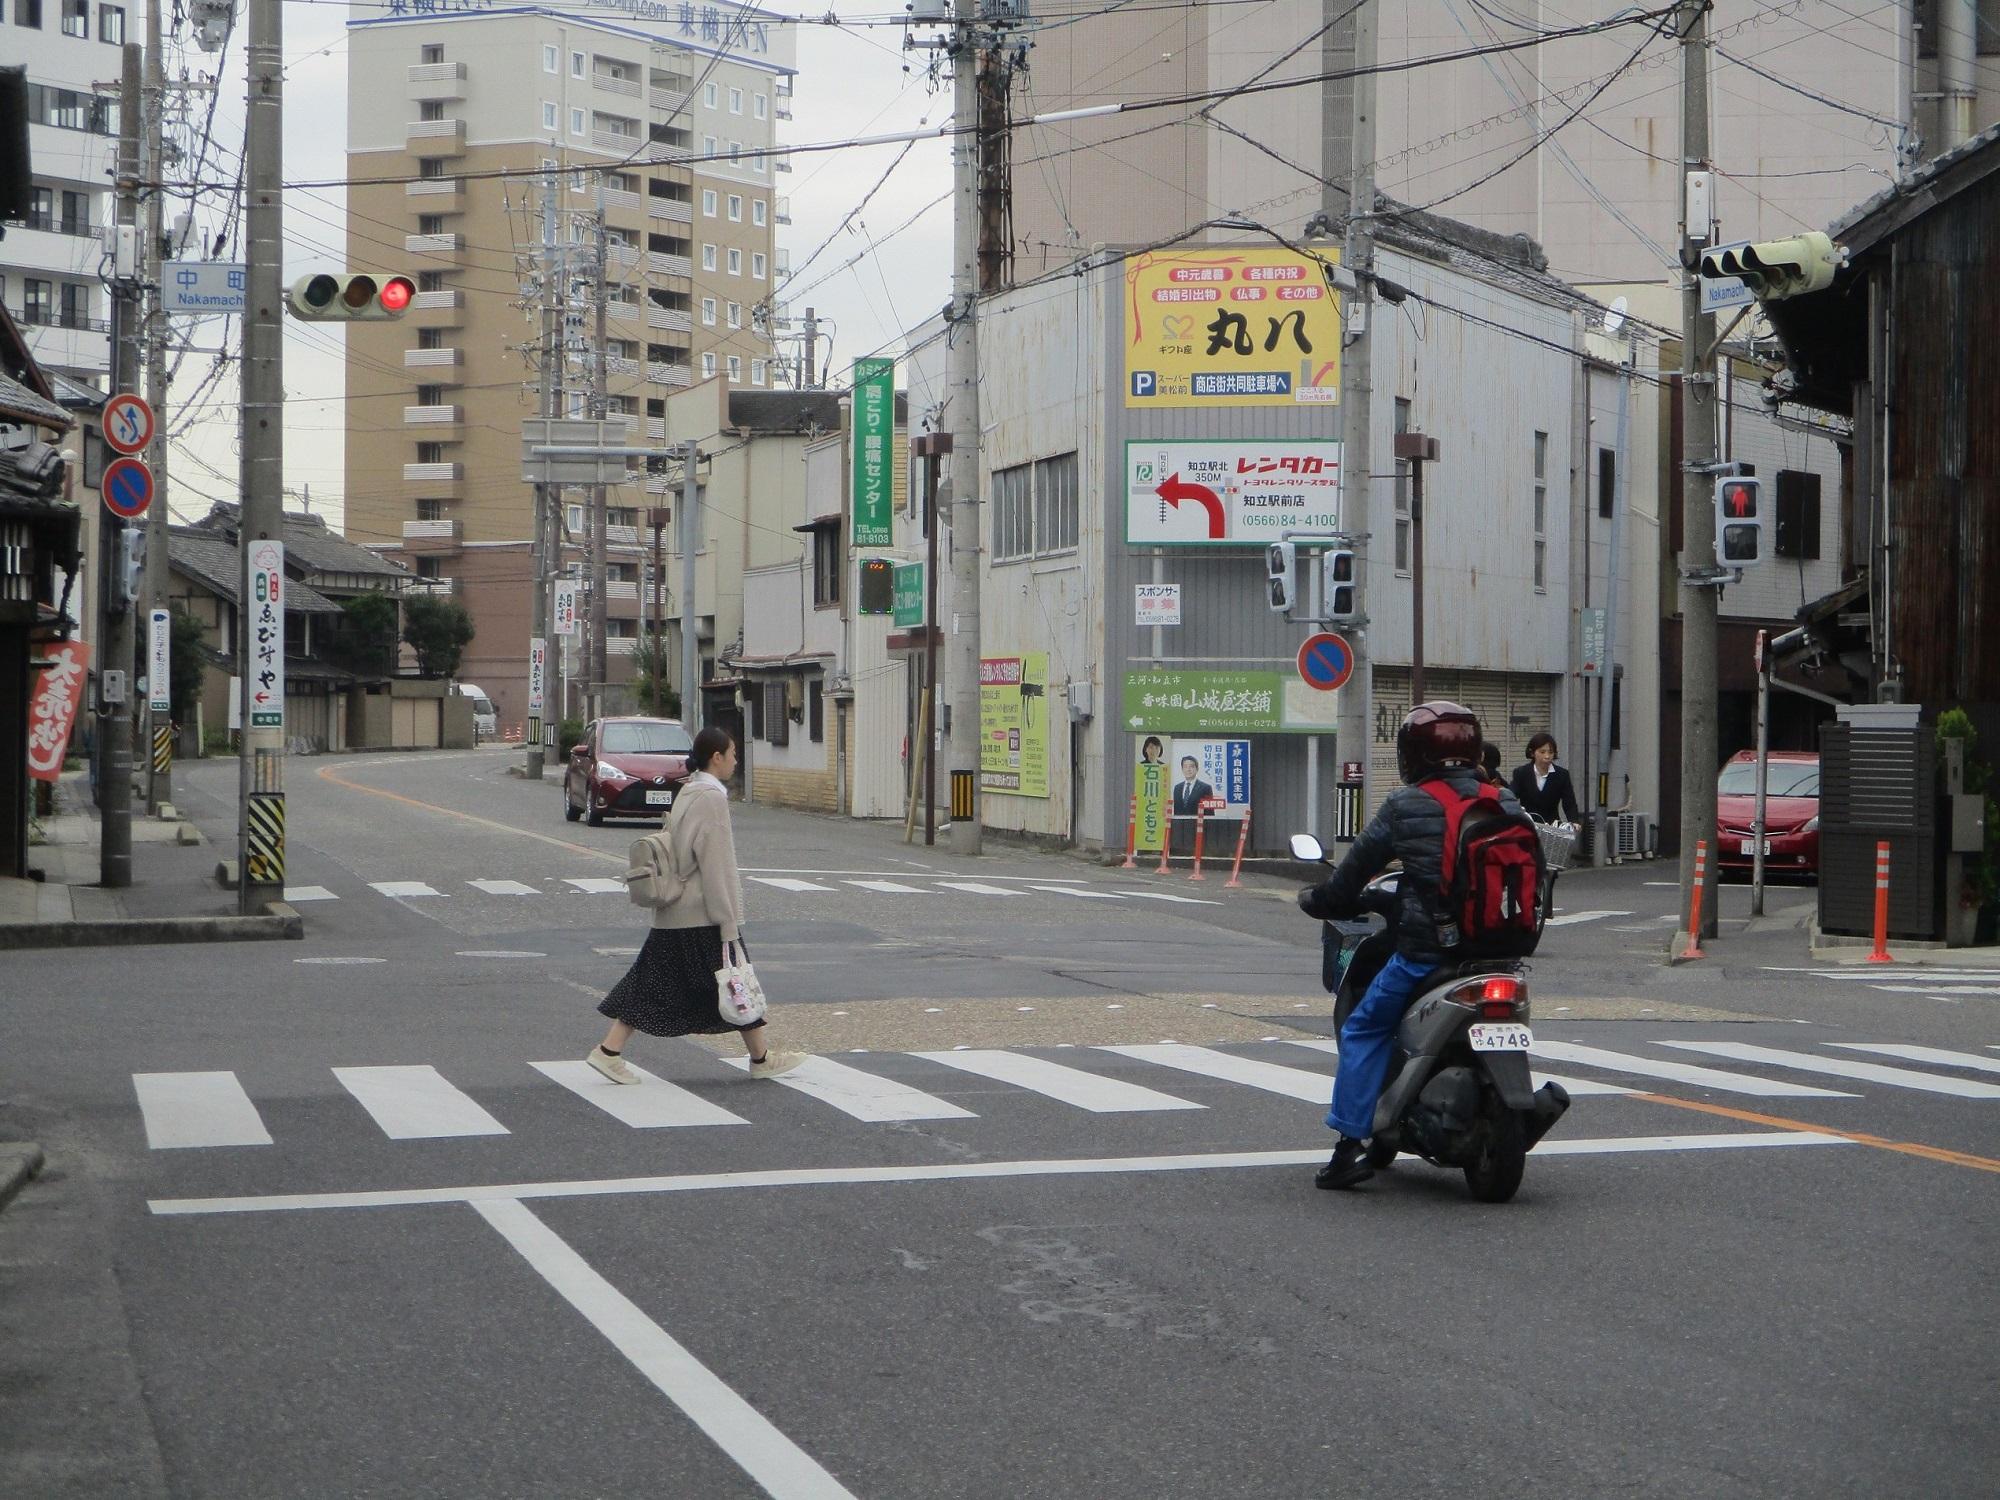 2019.11.13 (31) 東海道 - 中町交差点 2000-1500